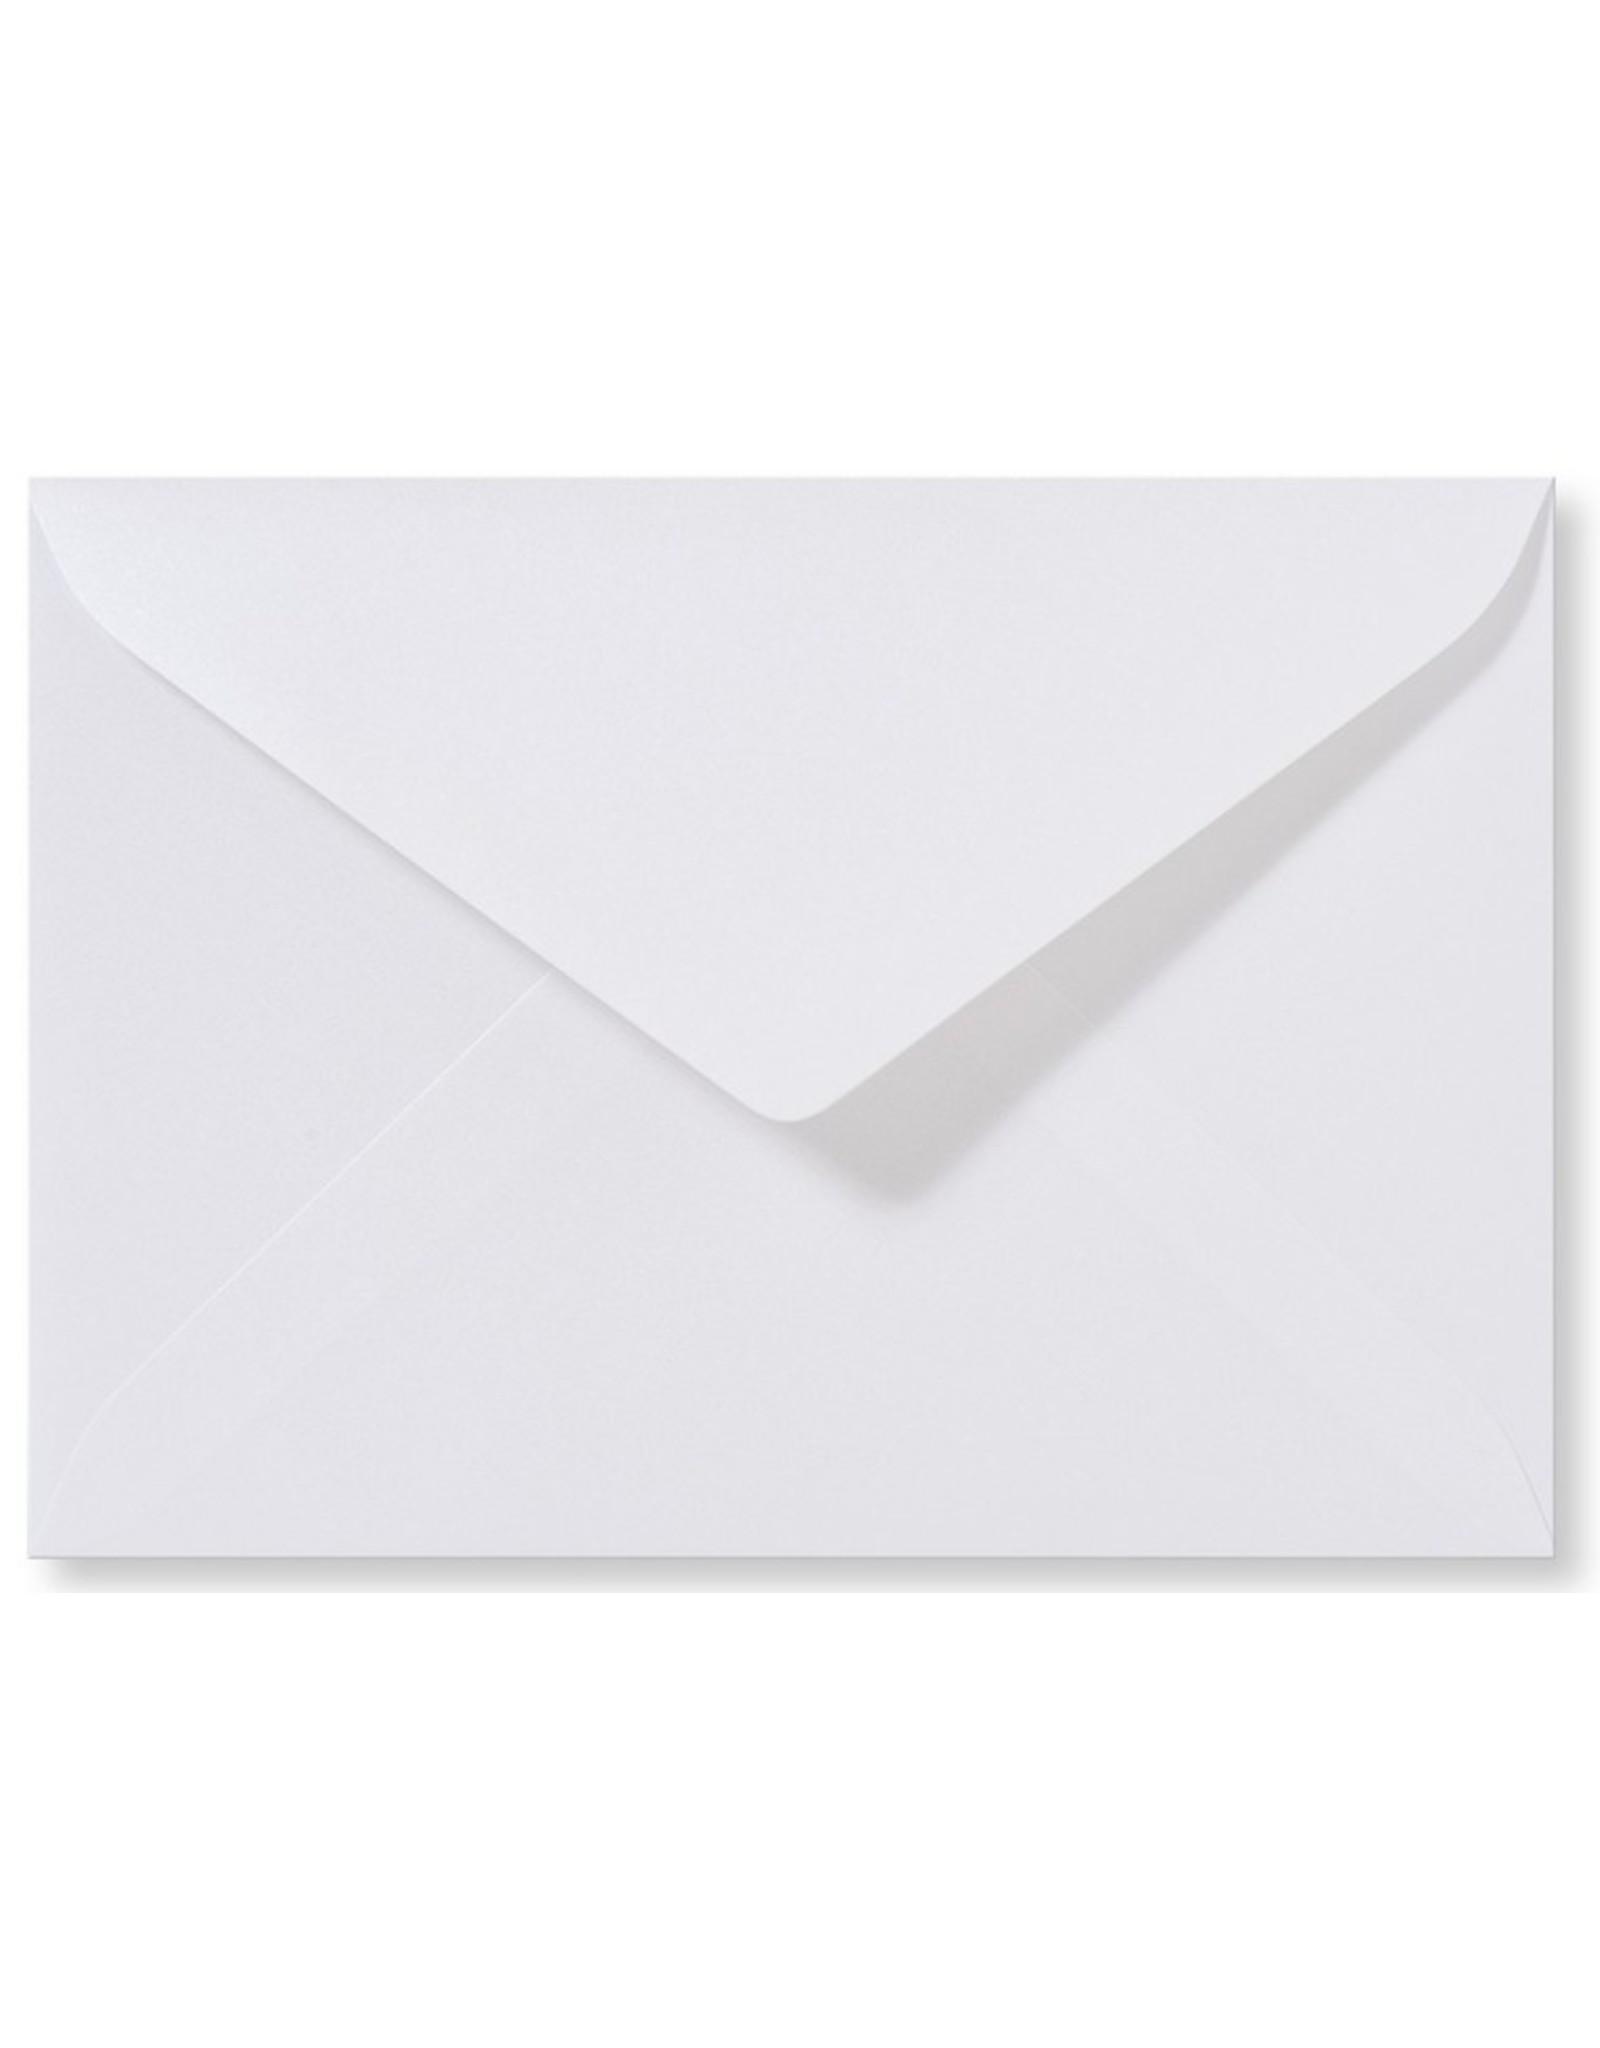 www.Robin.cards Blanco metallic envelop Hoogwit